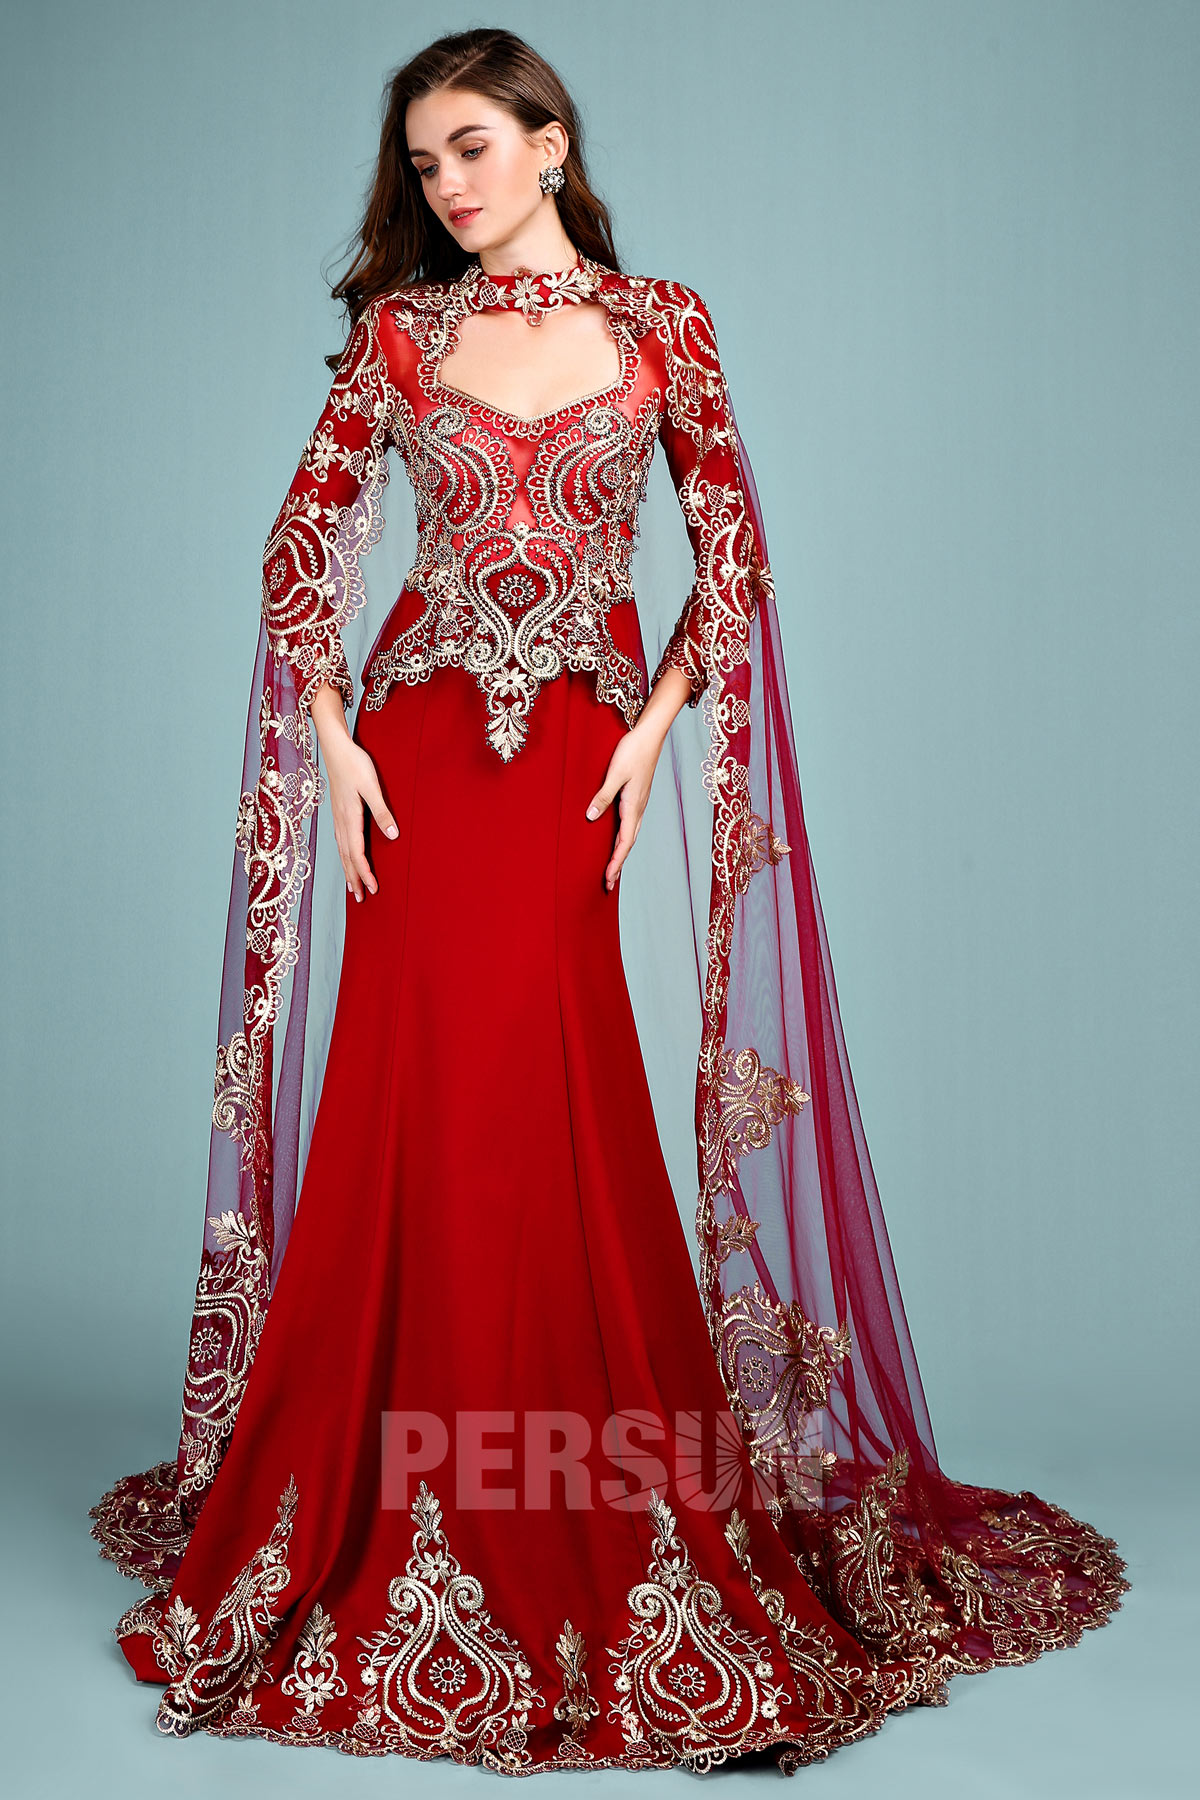 robe de mariée rouge style indien avec appliques dorées